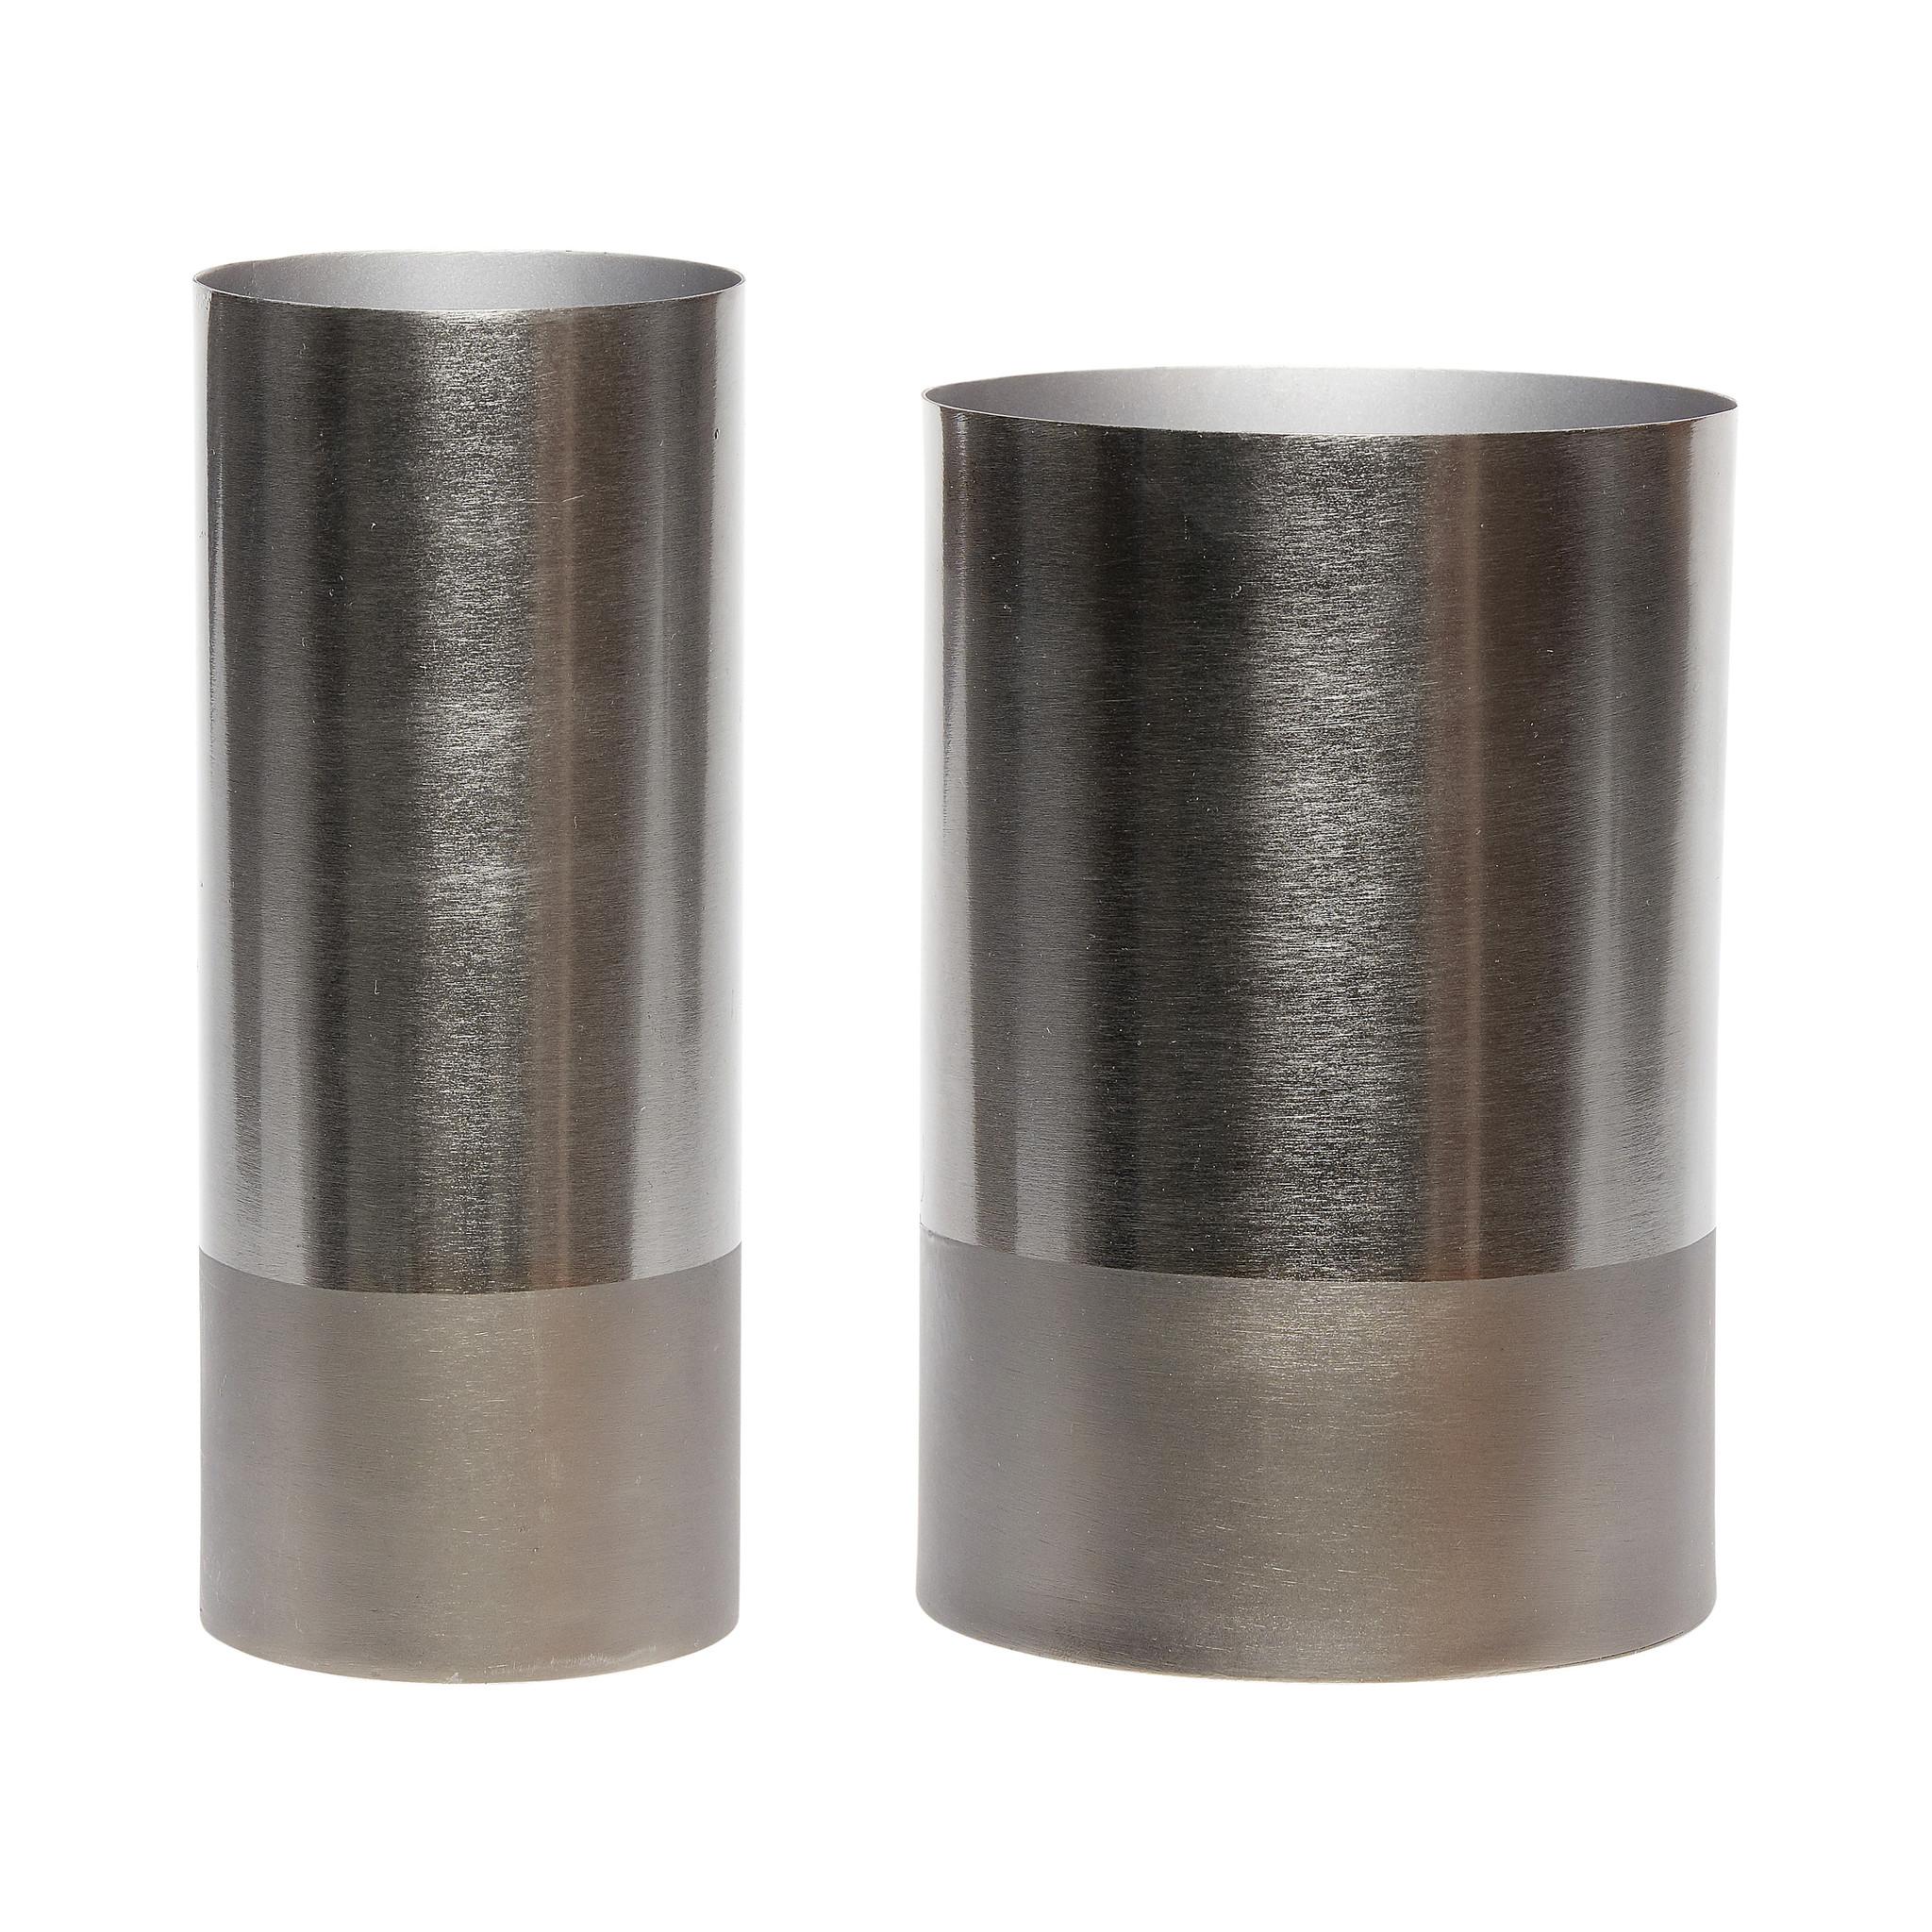 Hubsch Vaas, metaal, grijs, set van 2-670316-5712772054178